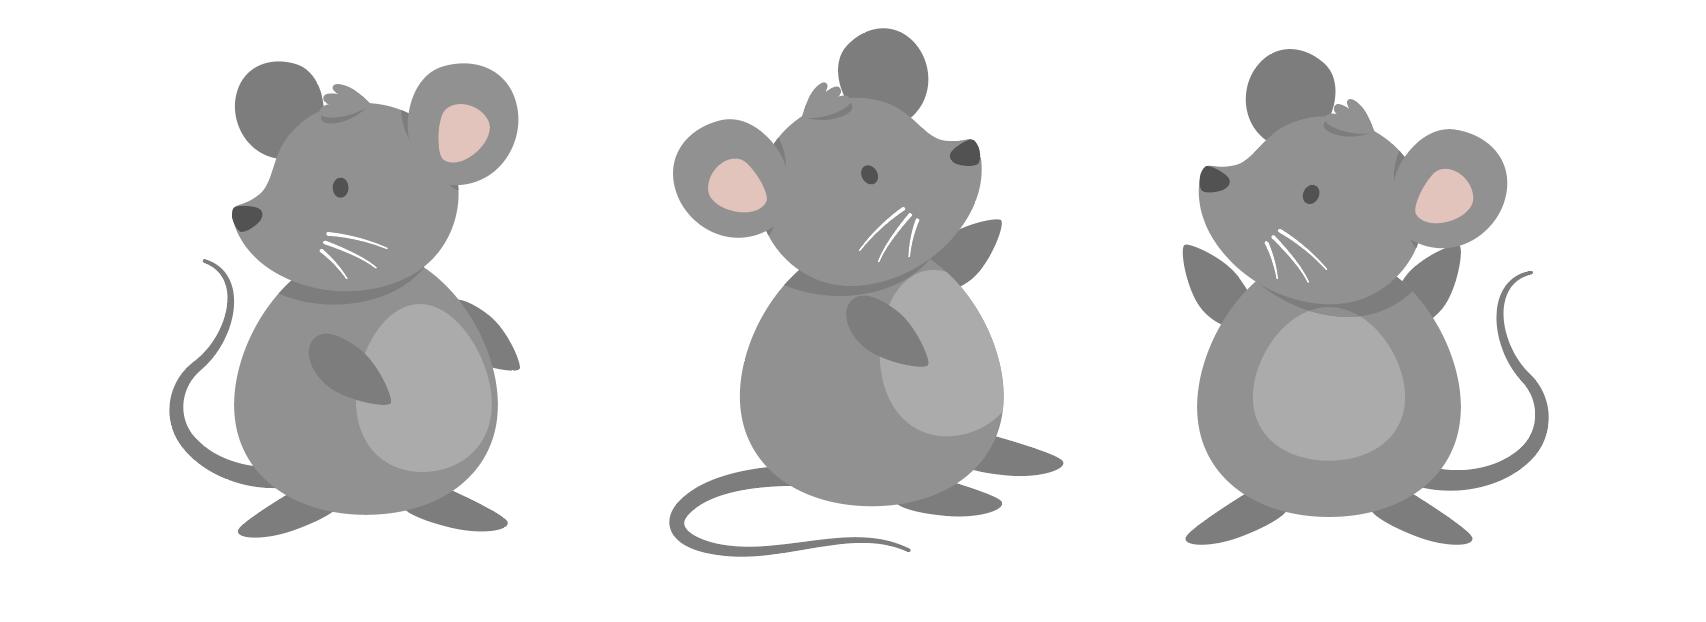 Mäusestrategien